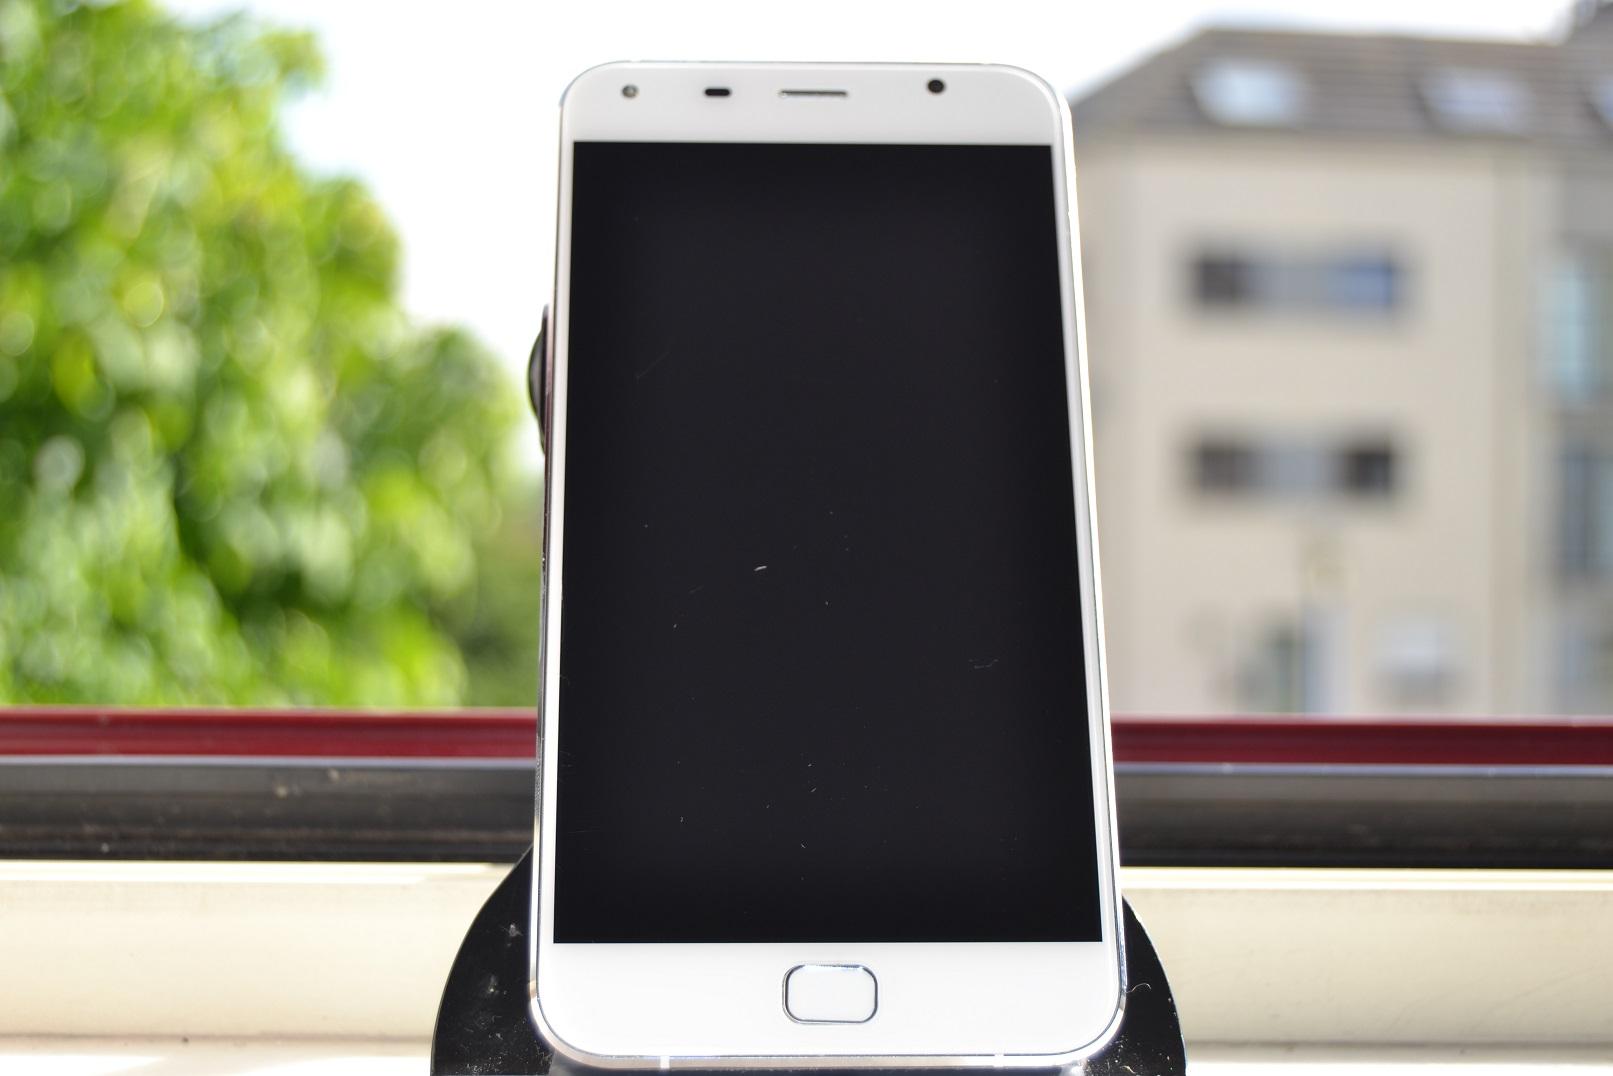 DSC_0403 REVIEW display UMi Touch si comparat cu UMi Super, tot partea de display